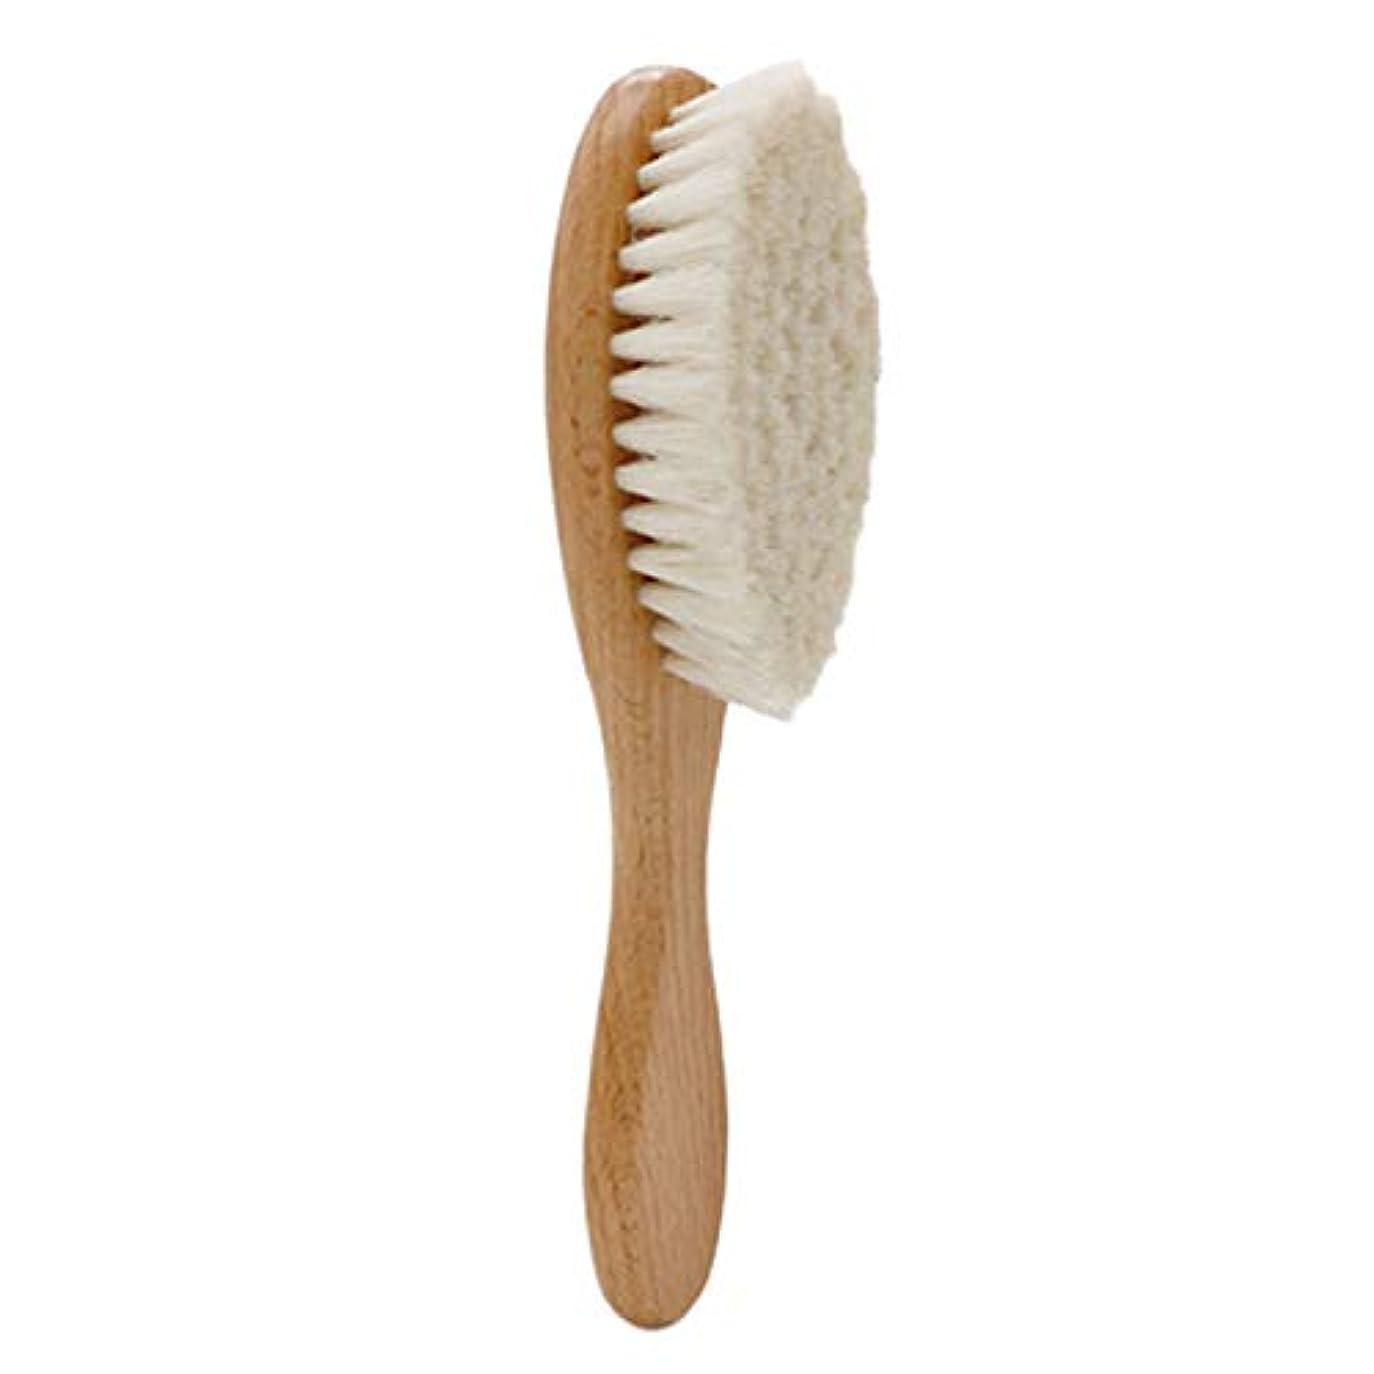 野菜の間でスリムTOOGOO 木製ハンドル理髪ソフトファイバーブラシ床屋首ダスタークリーニング削除ブラシヘアスタイリングツール